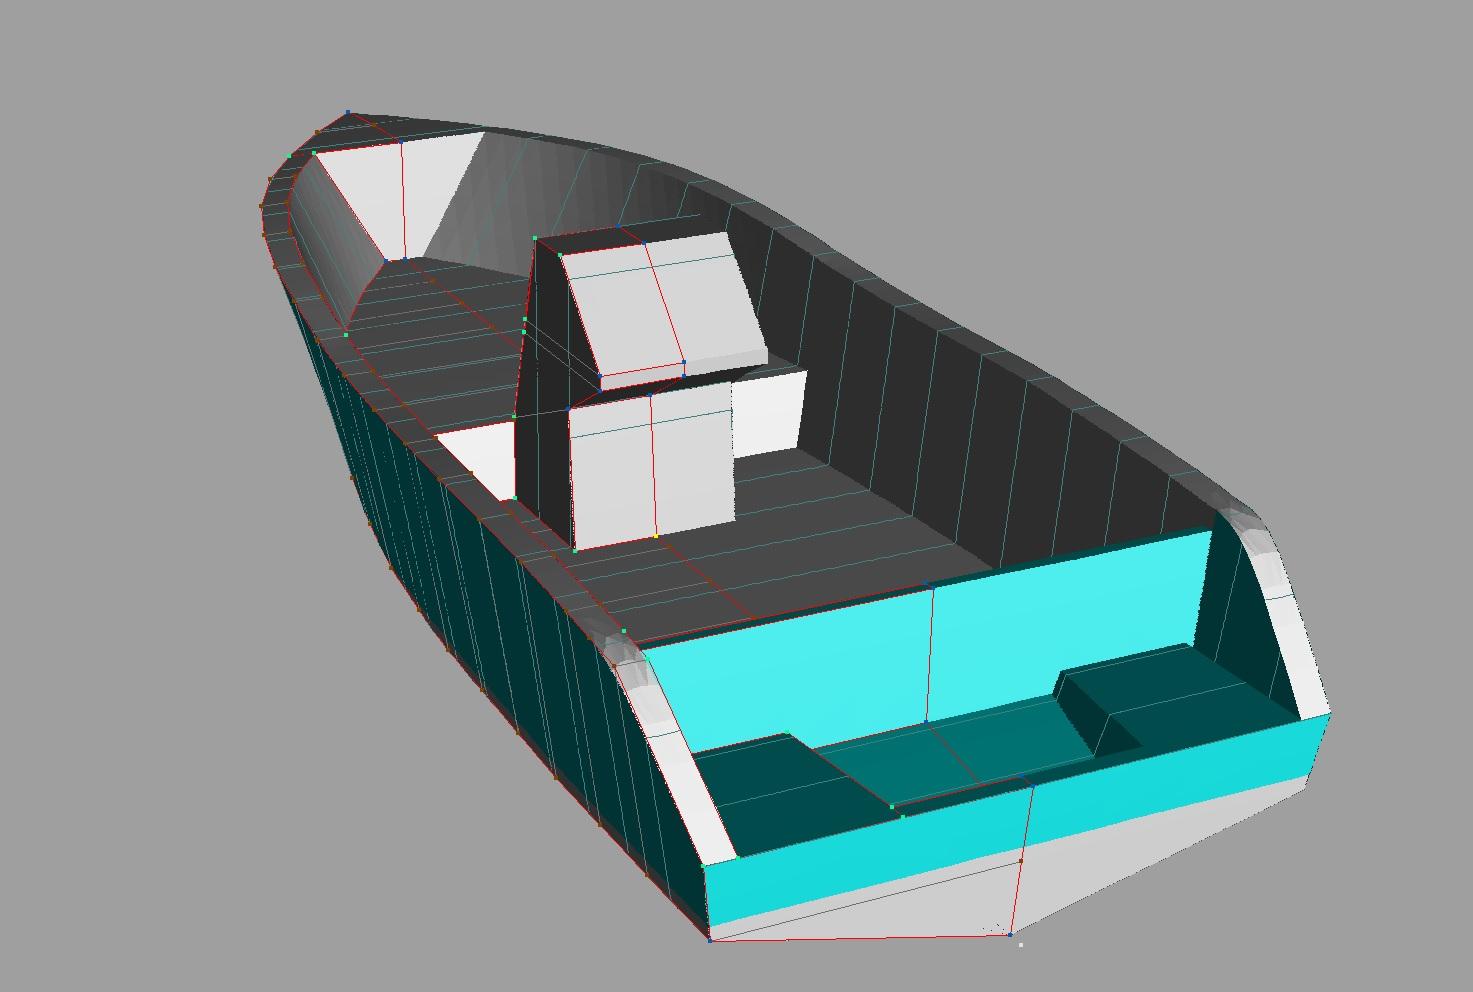 alu_boat_project_01.jpg